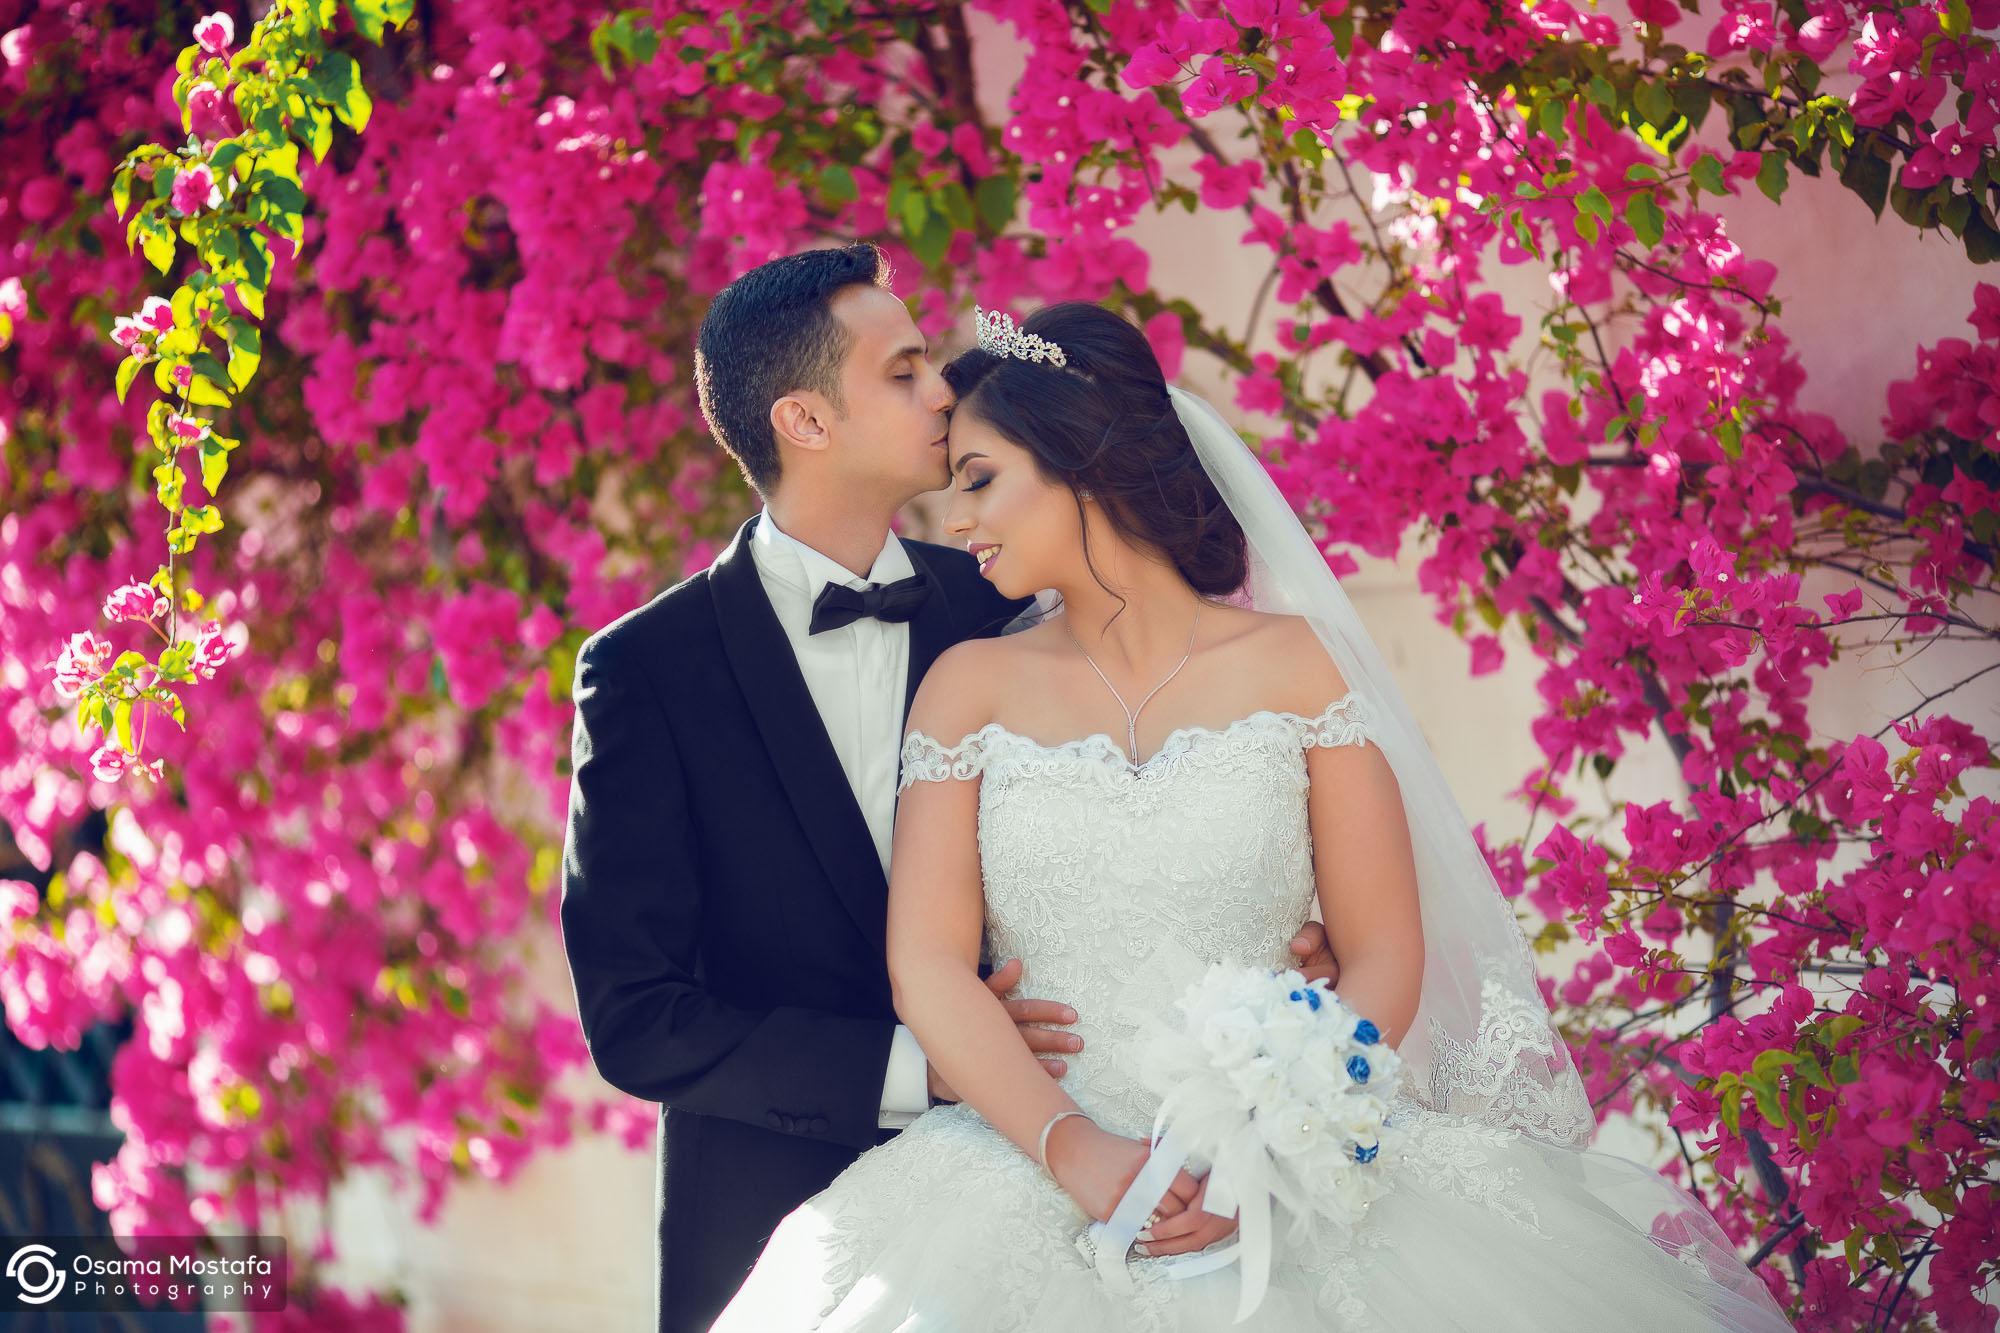 Aliaa & Mostafa